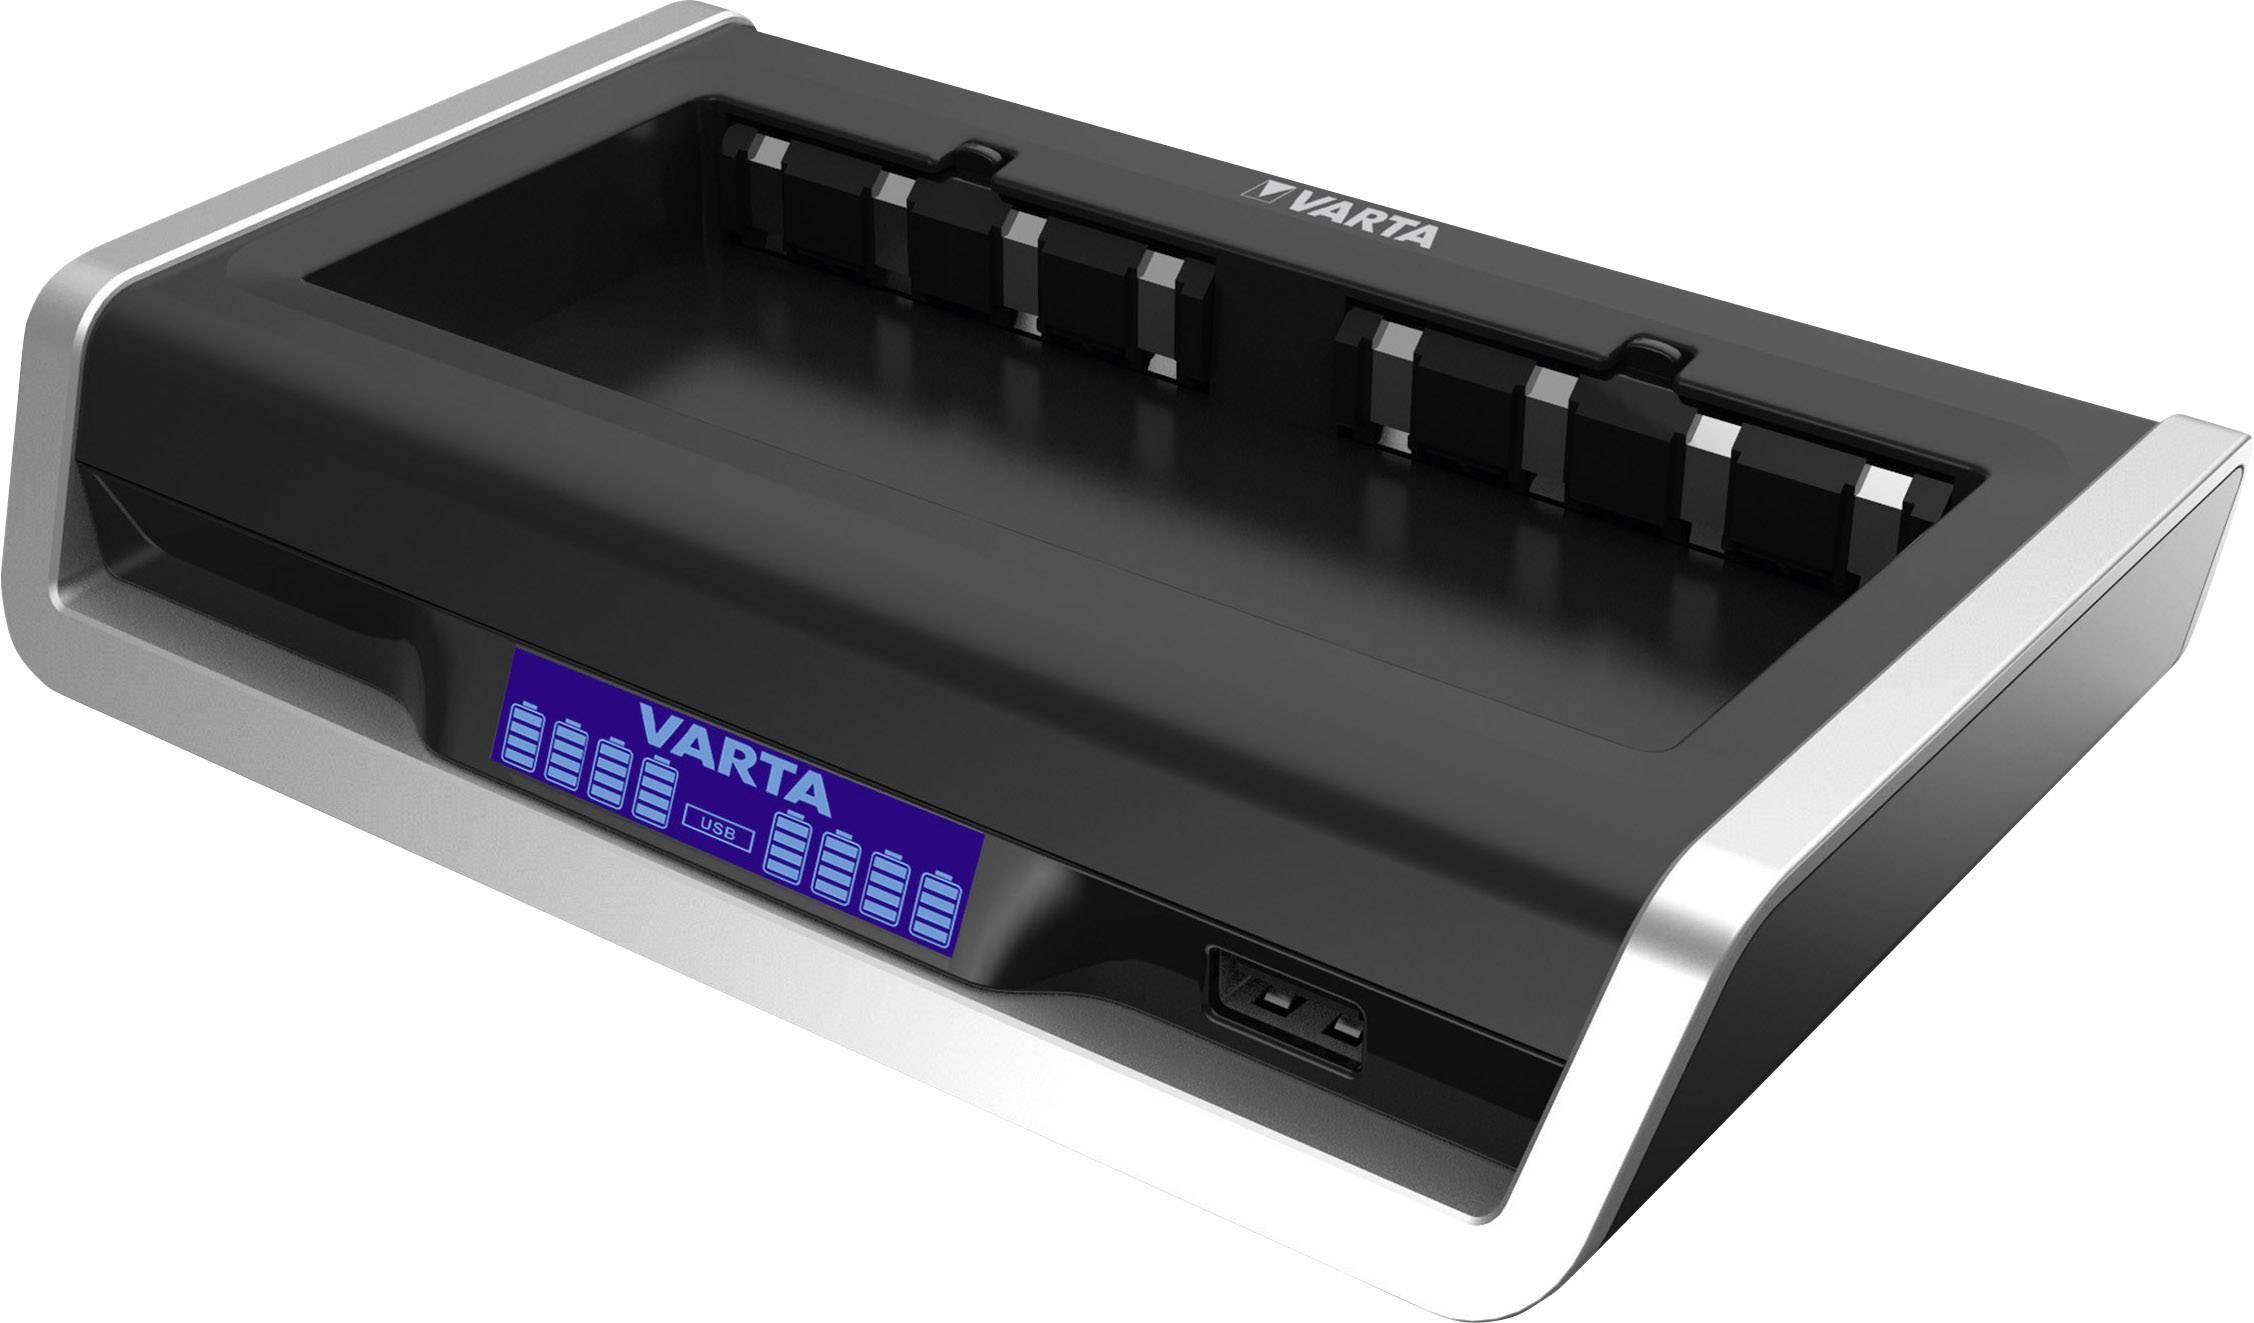 Nabíjačka akumulátorov (baterií) s LCD pre 8 článkov AA / AAA Varta Multi, USB